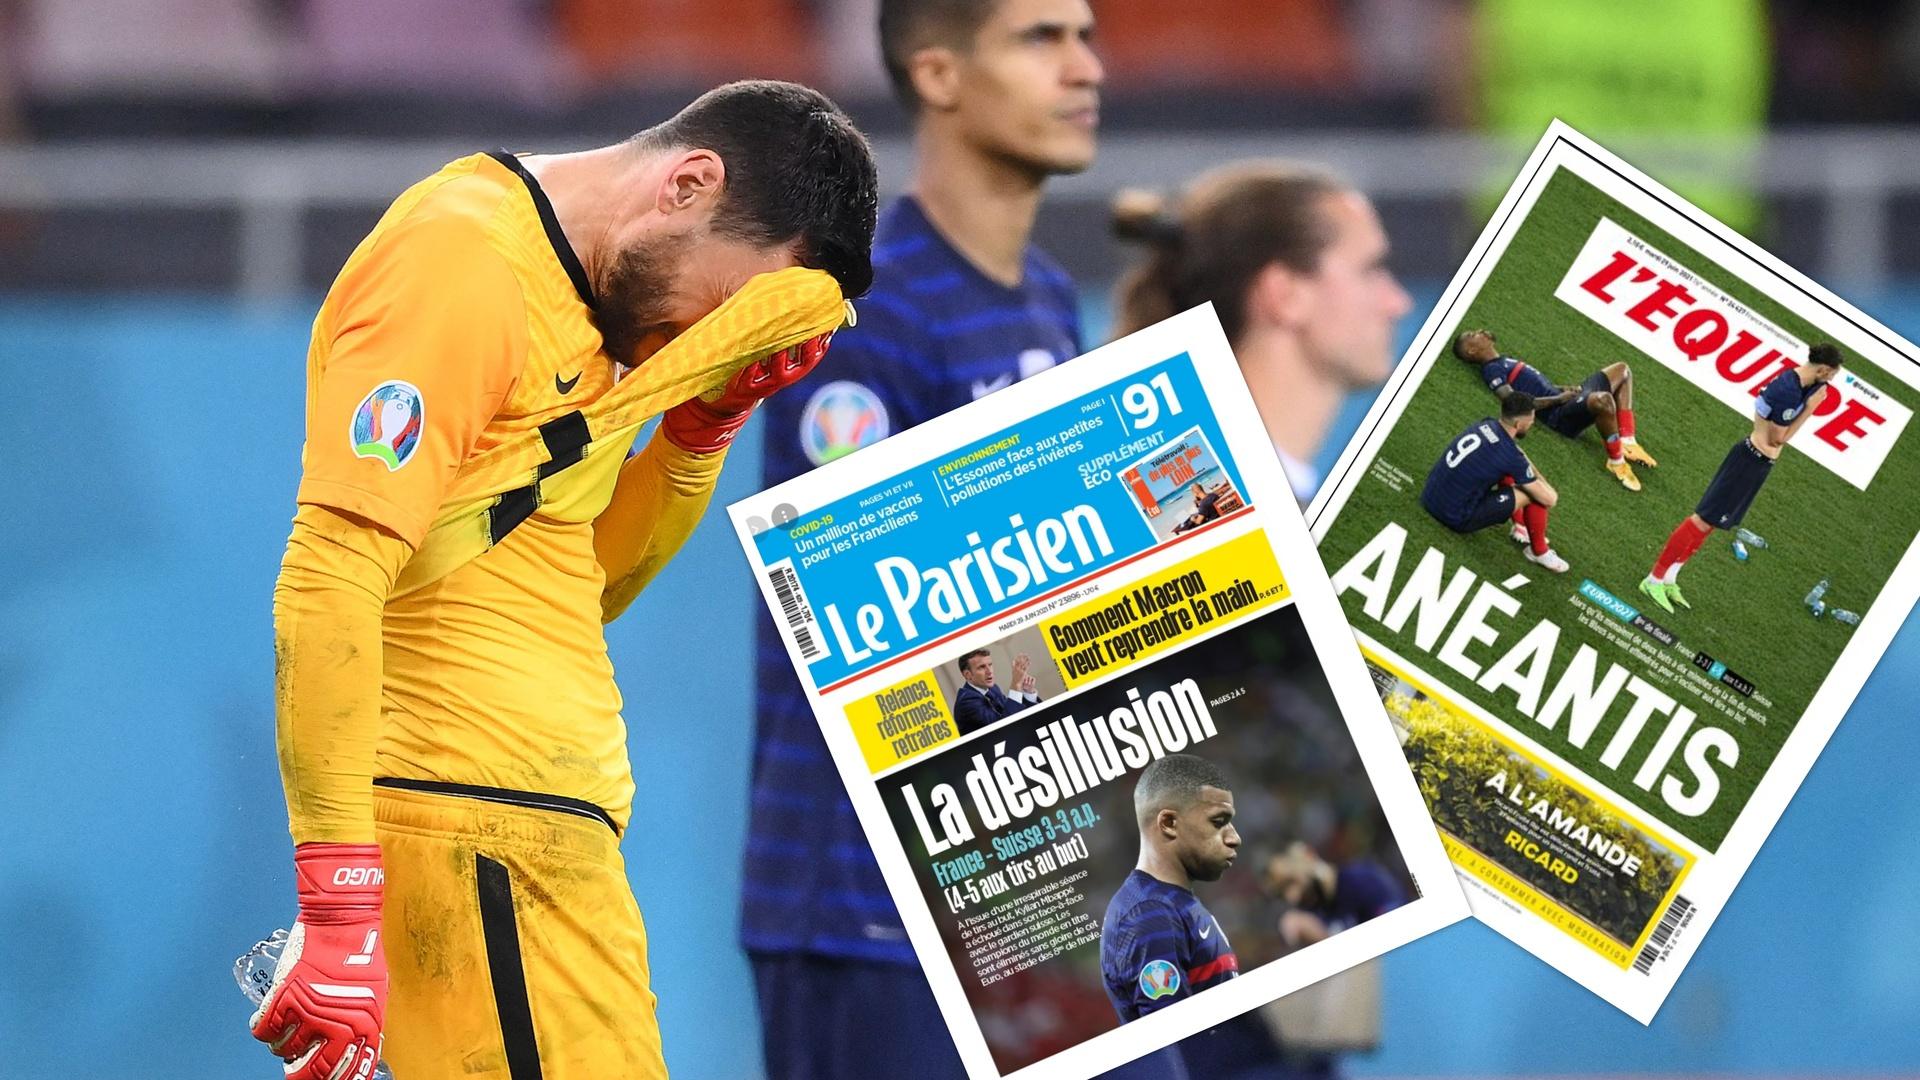 الصحف الفرنسية تكيل صفات الفشل على منتخب